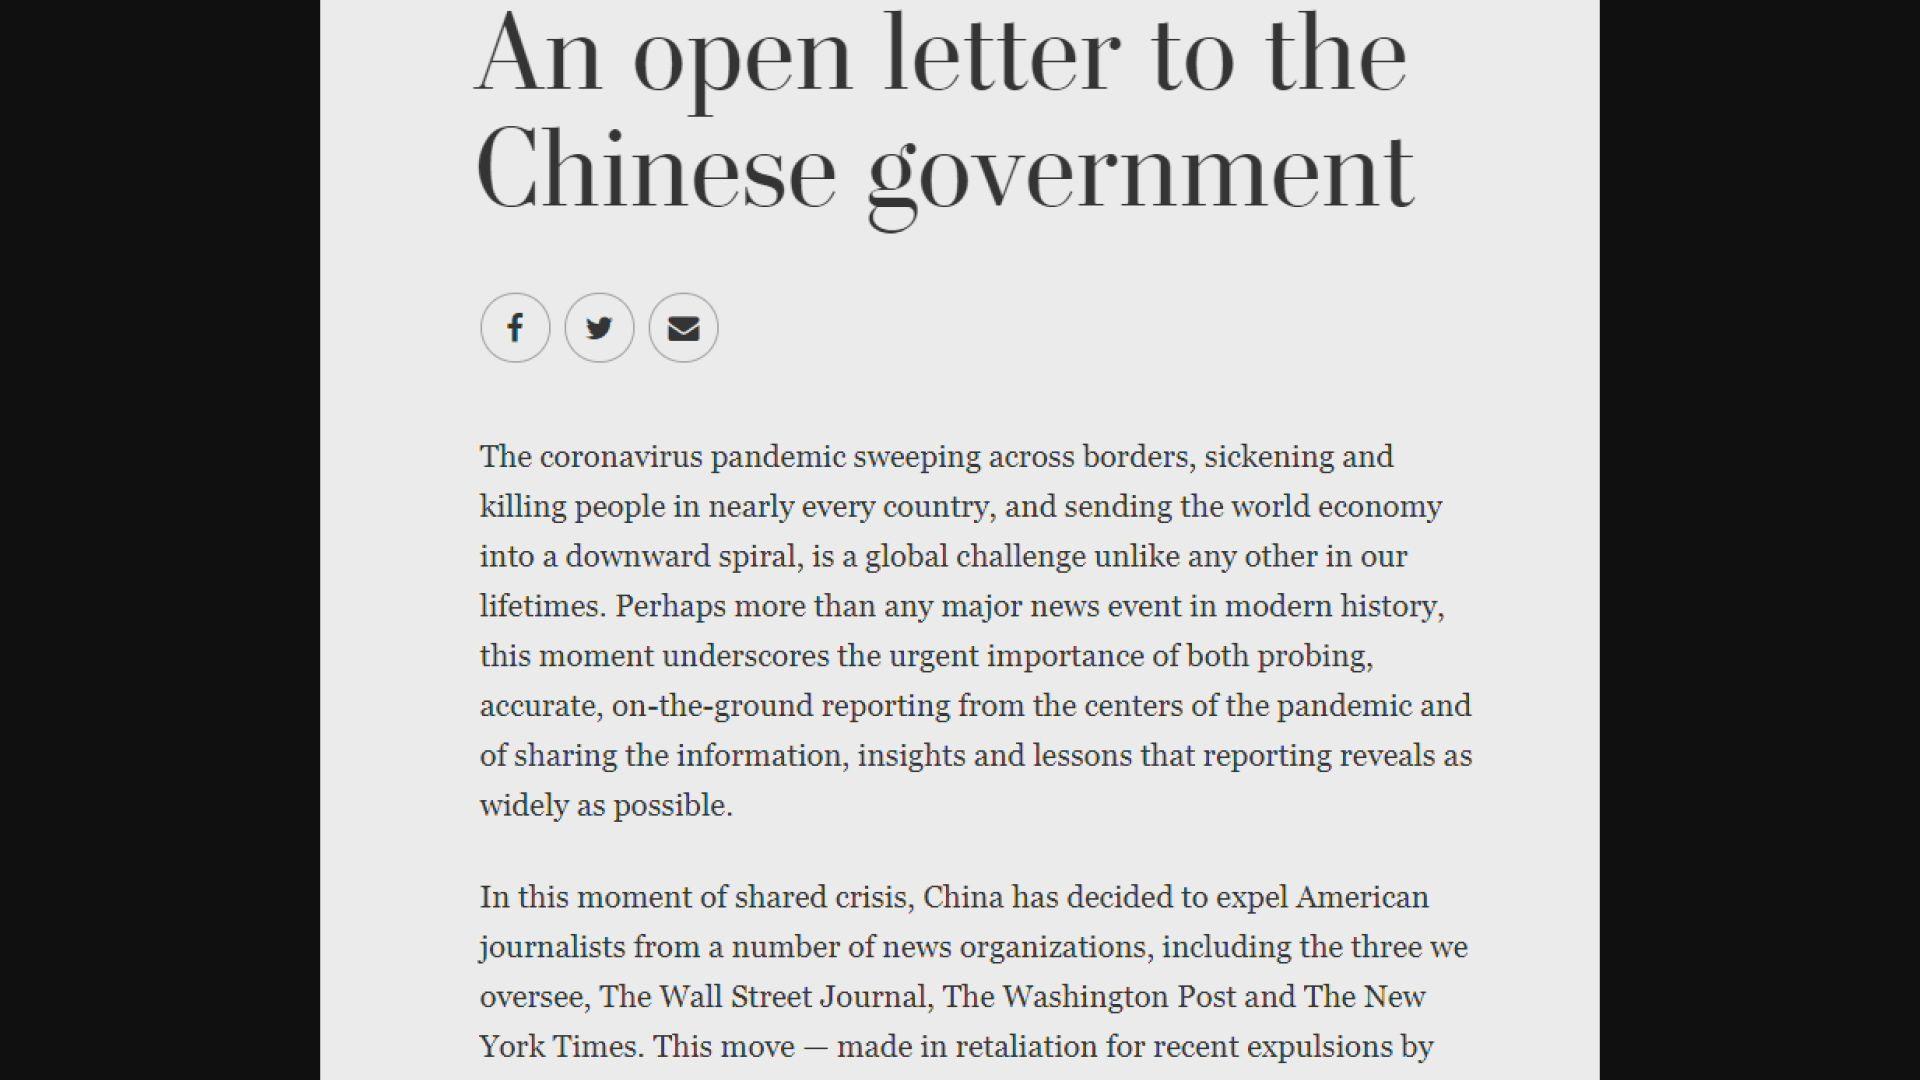 美國三報章要求中國撤銷驅逐記者決定